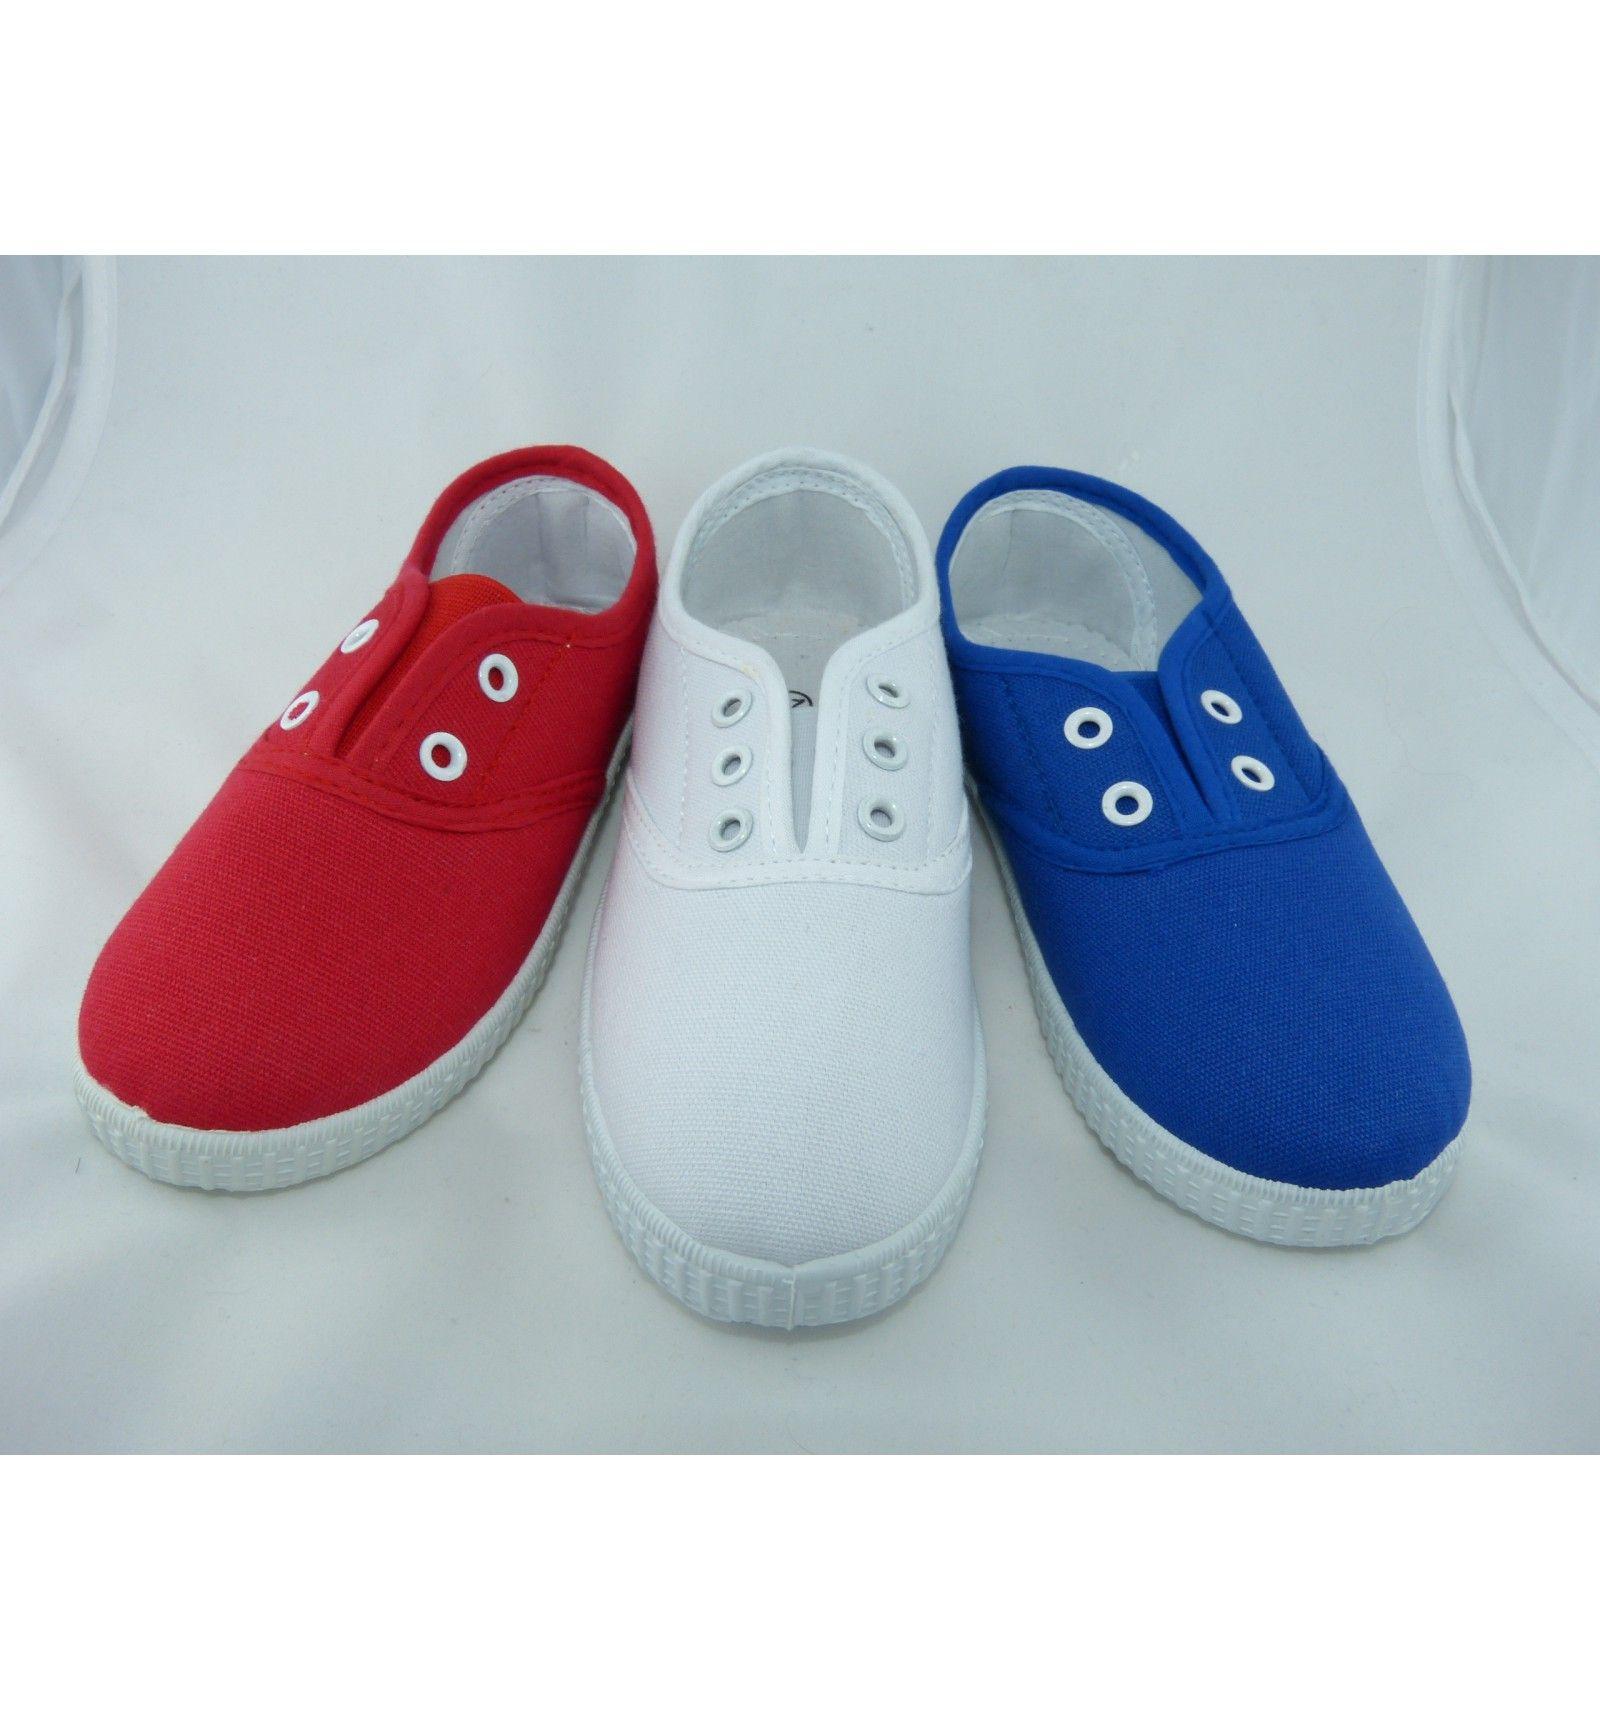 Zapatillas de lona con elastico baratas calzado infantil for Zapatillas de seguridad baratas